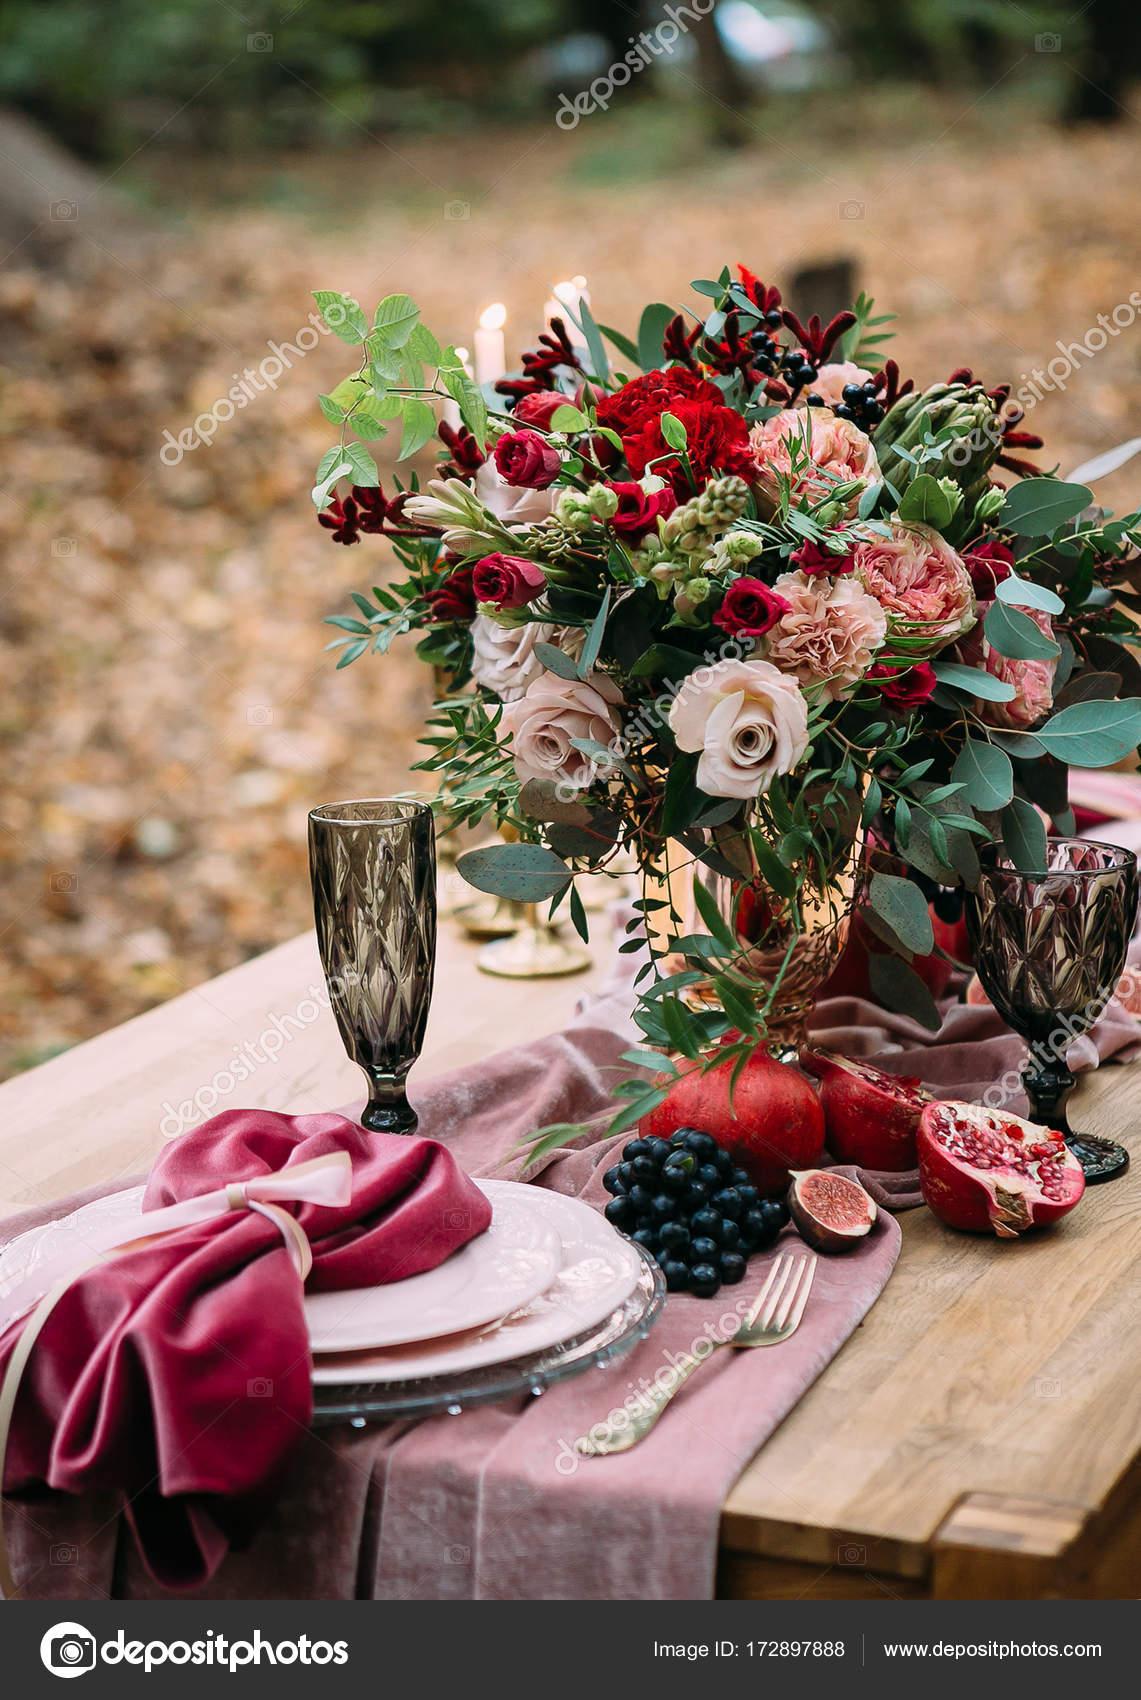 Fiori Matrimonio Rustico : Matrimonio rustico decorazione da tavola festiva con bella